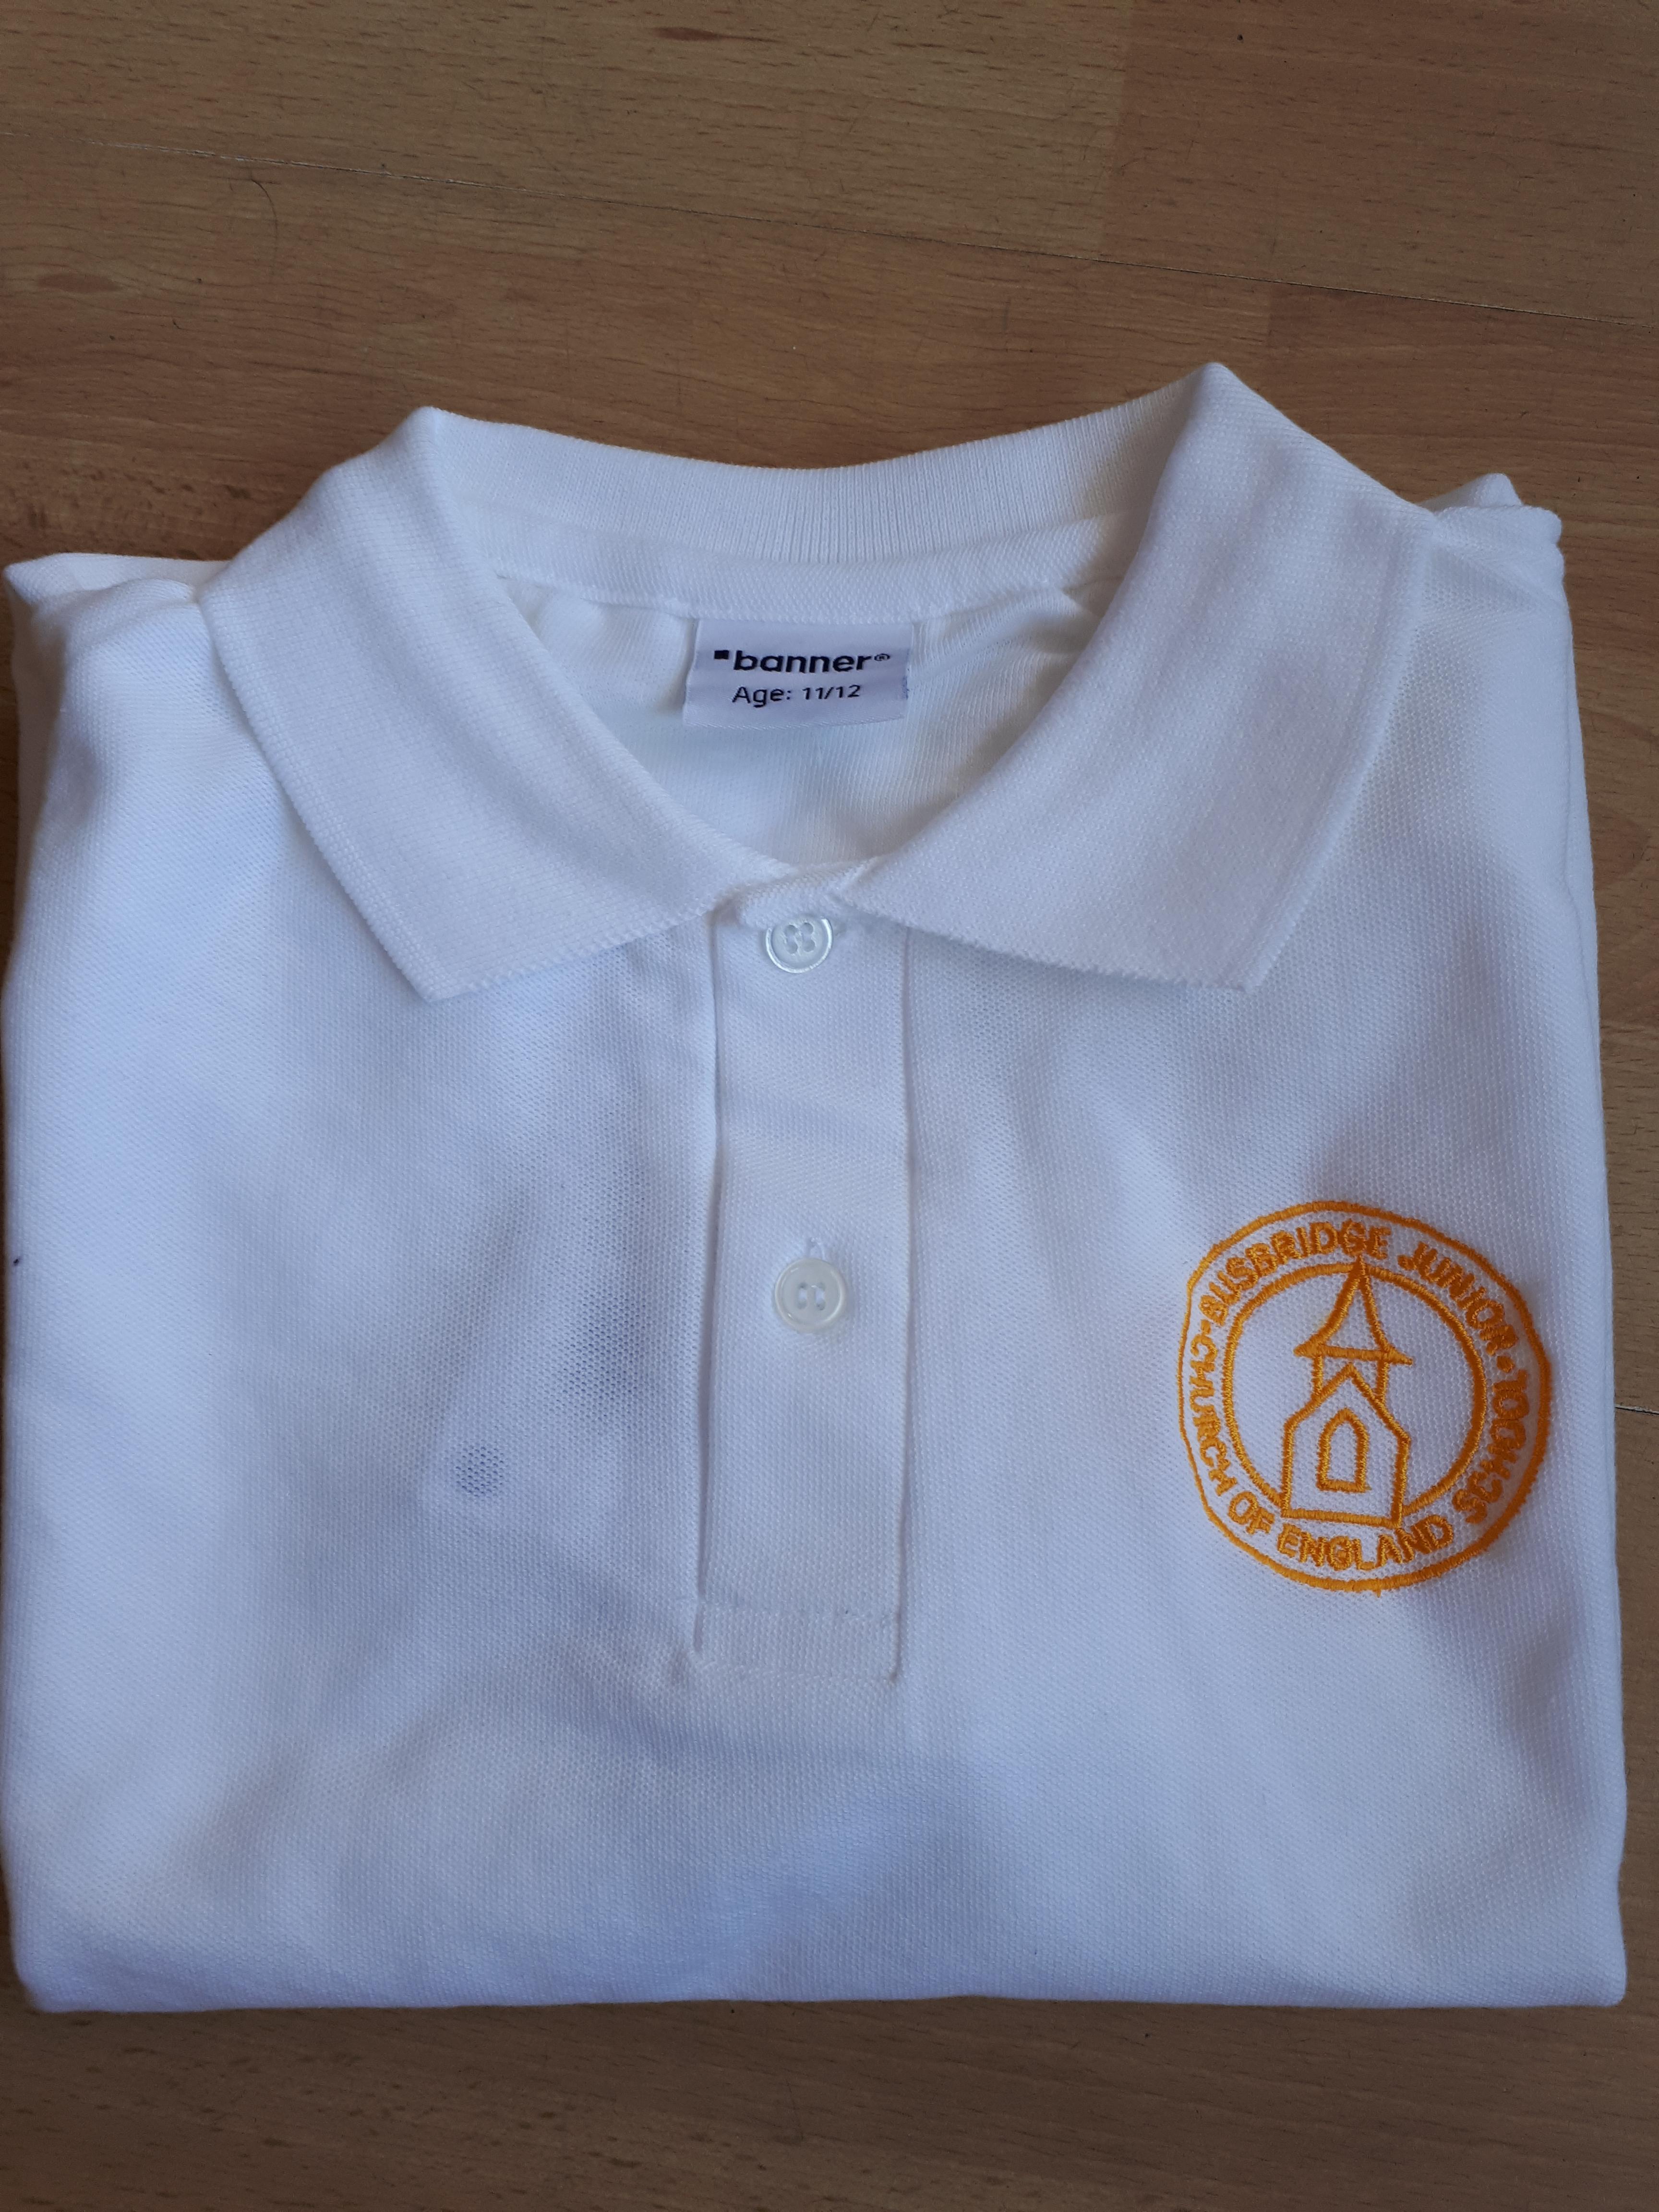 Busbridge Polo Shirt